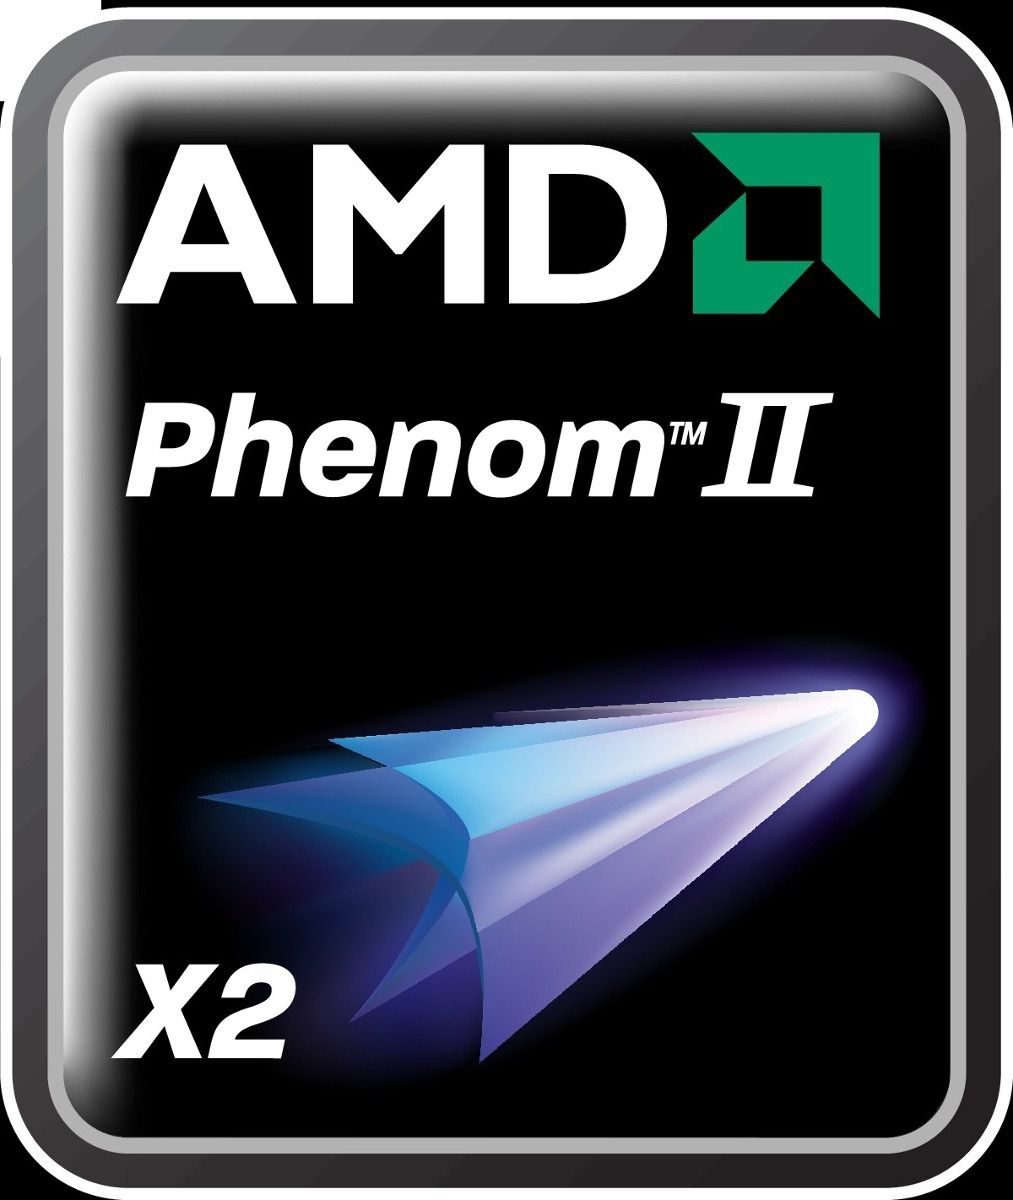 CPU AM3 | PHENOM II X2 | HDZ555WFK2DGM | AMD | 3.2GHZ